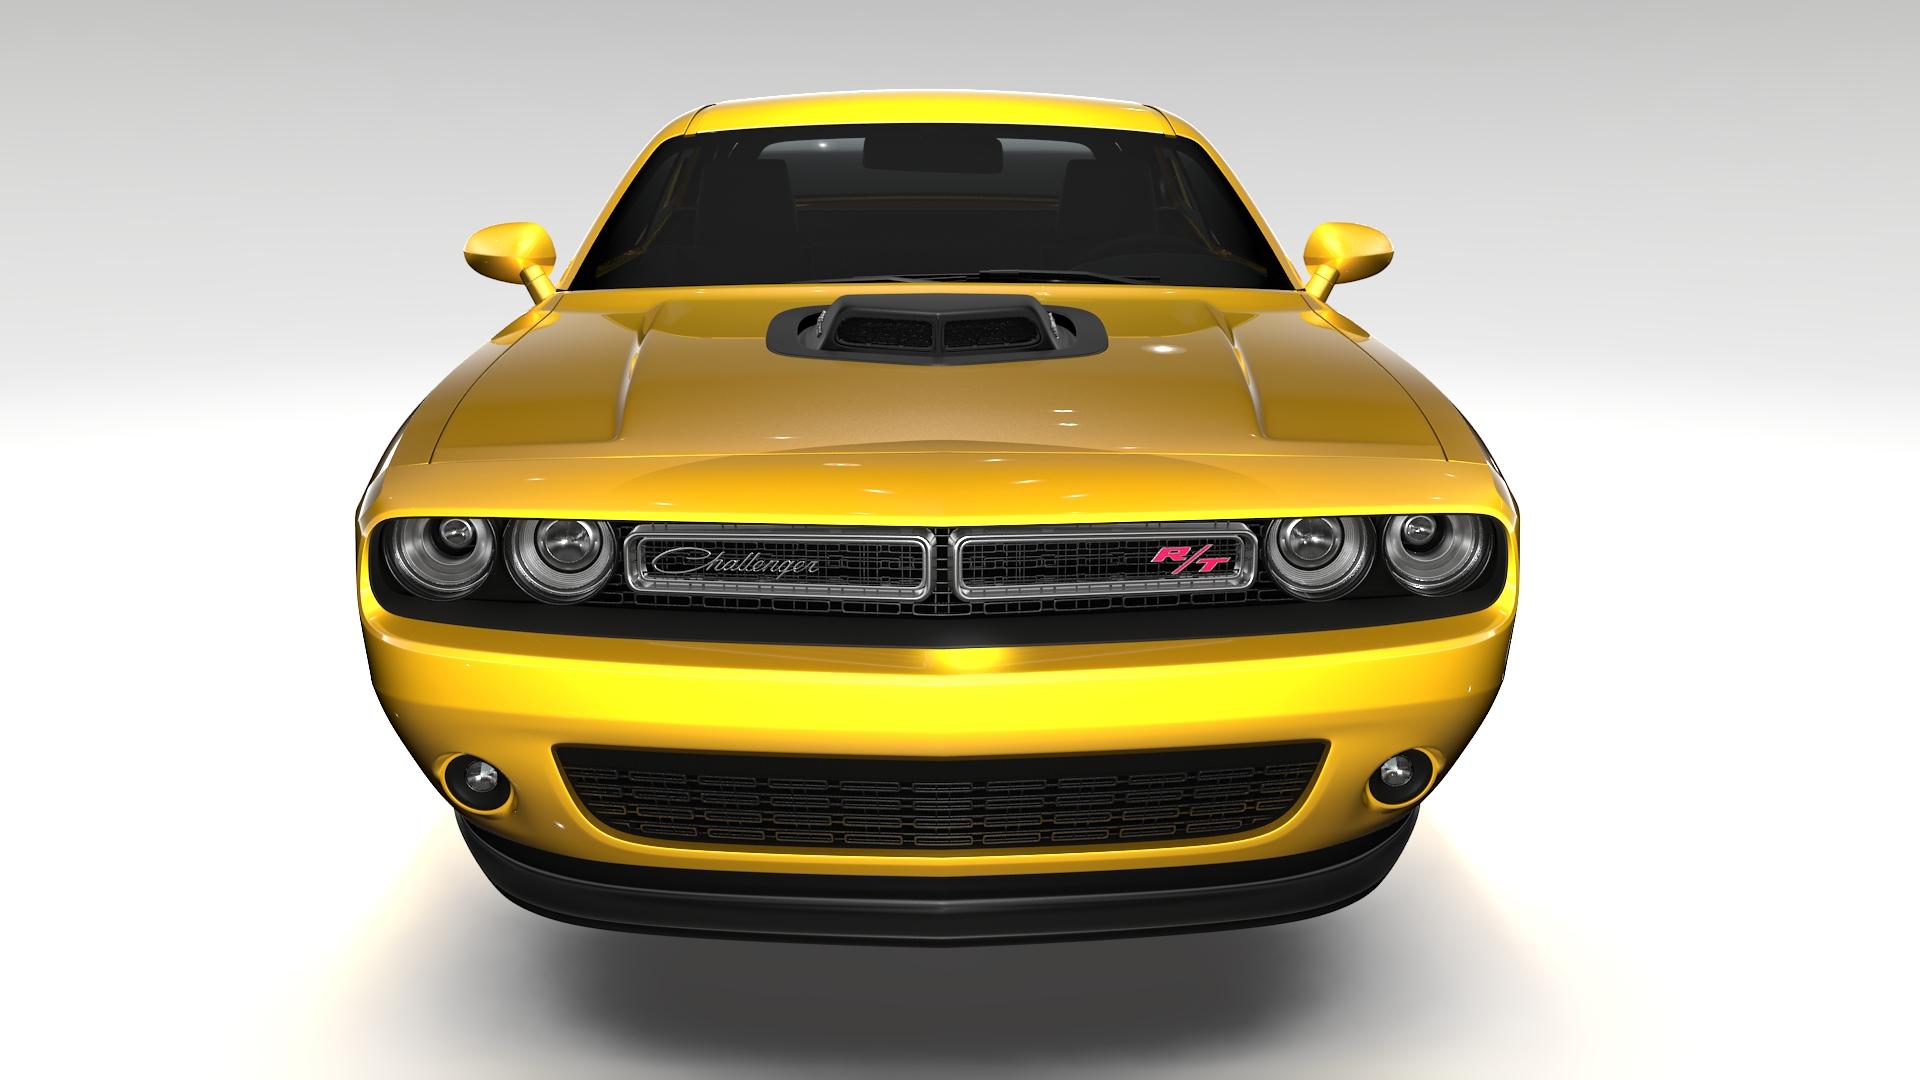 Dodge Challenger 392 shaker (lc) 2016 yn hedfan model 3d 3ds max fbx c4d ar gyfer yr hrc xsi obj 220601